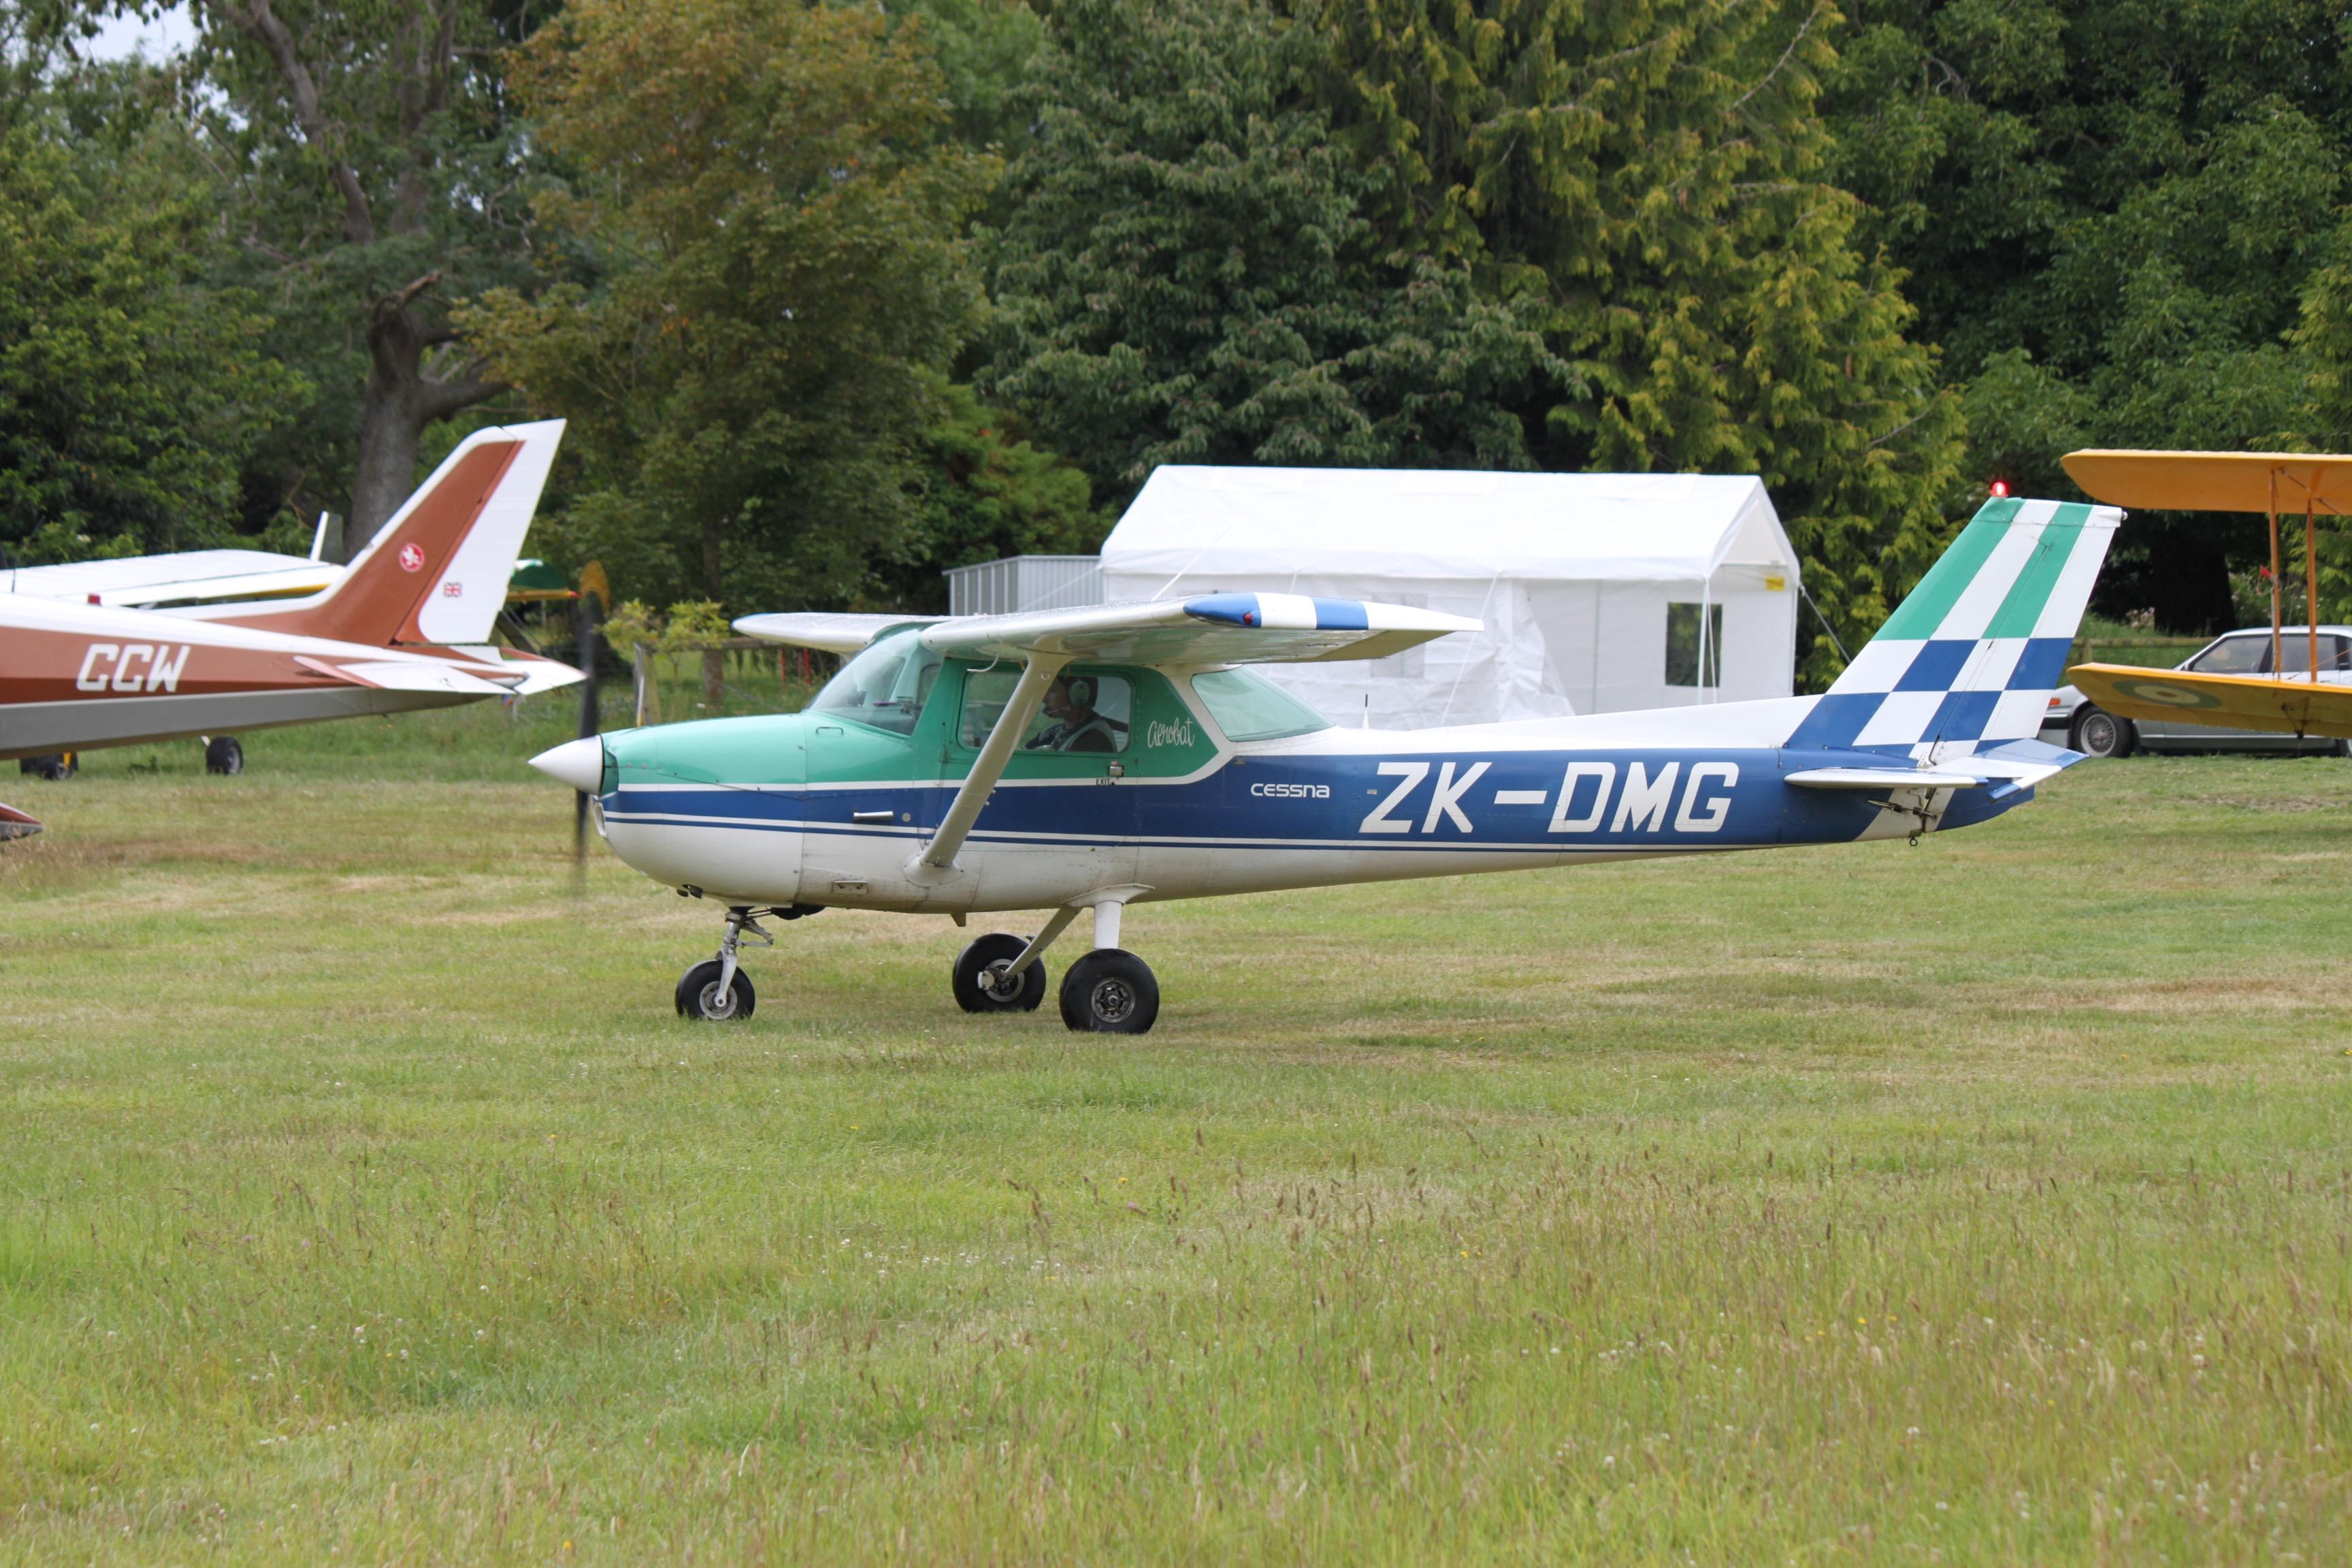 #13 Cessna 150 ZK-DMG